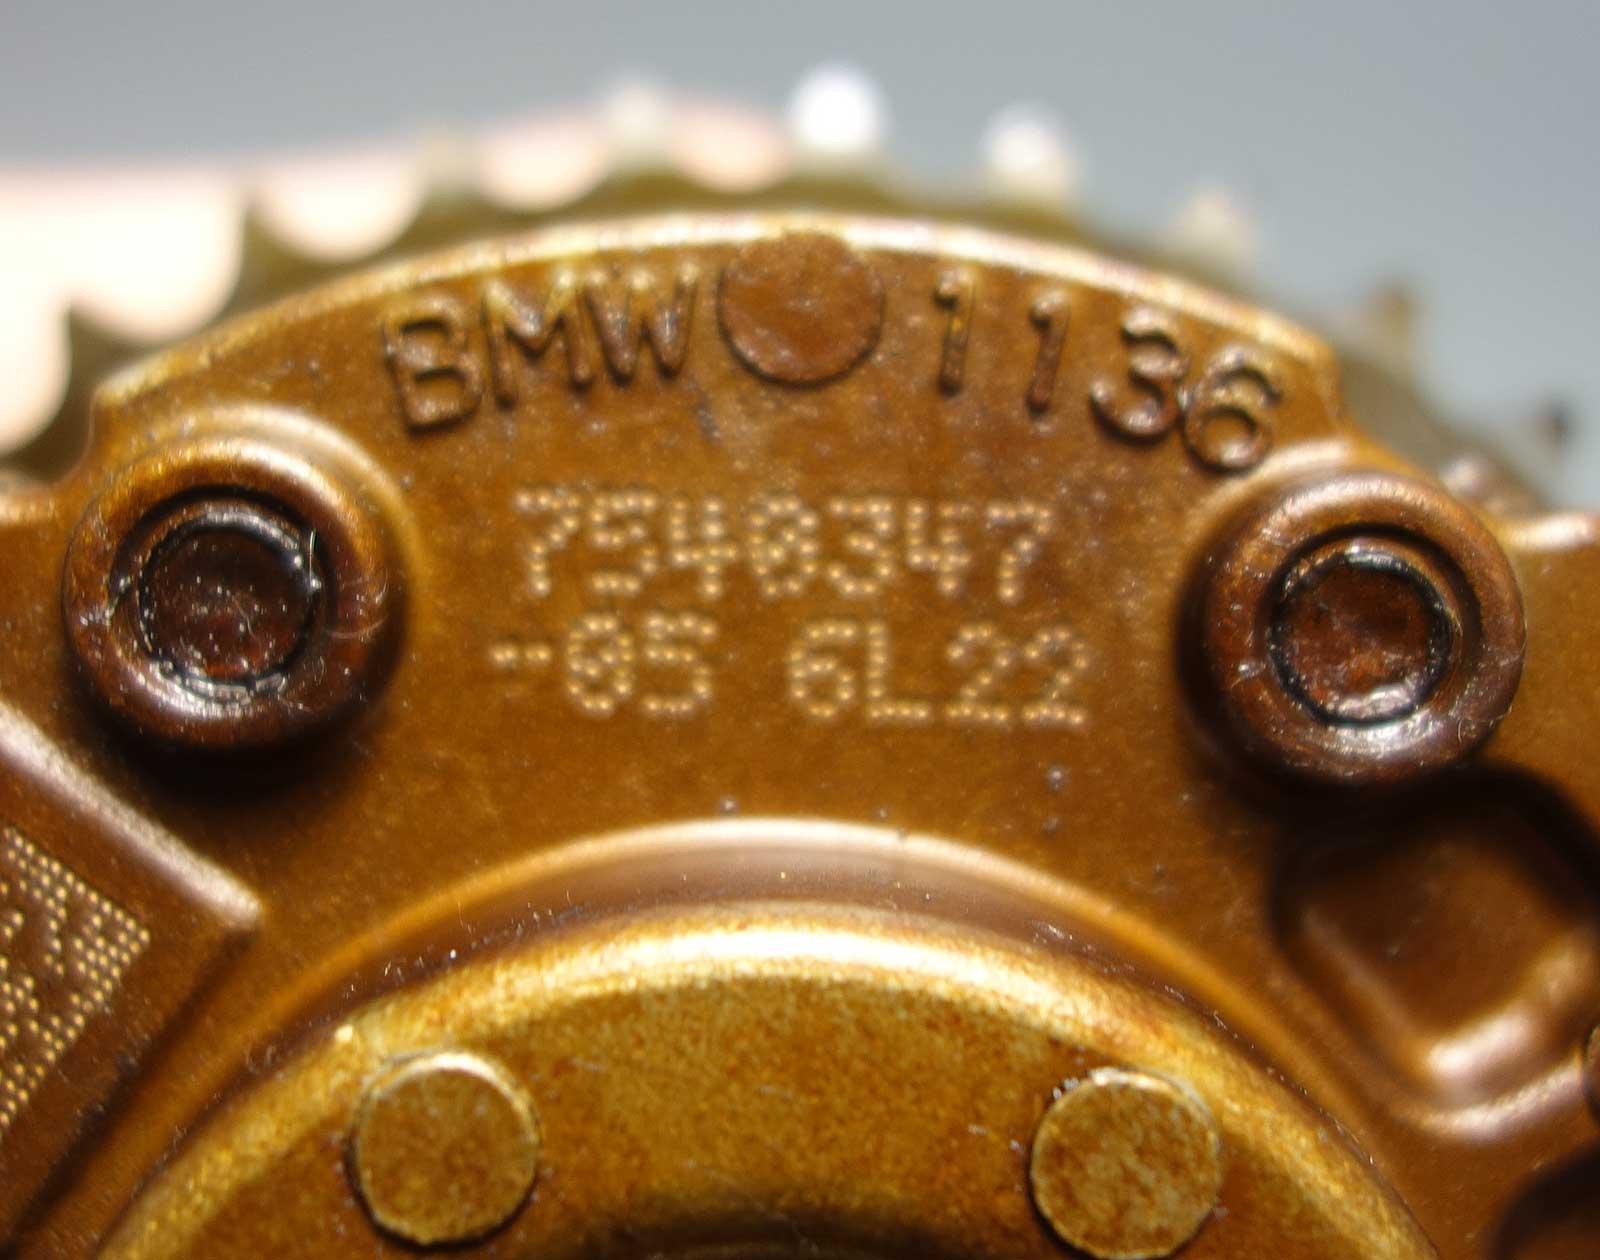 2008 Bmw Z4 Camshaft: BMW N54 3.0L 6-Cyl Twin Turbo Intake Camshaft Timing Gear